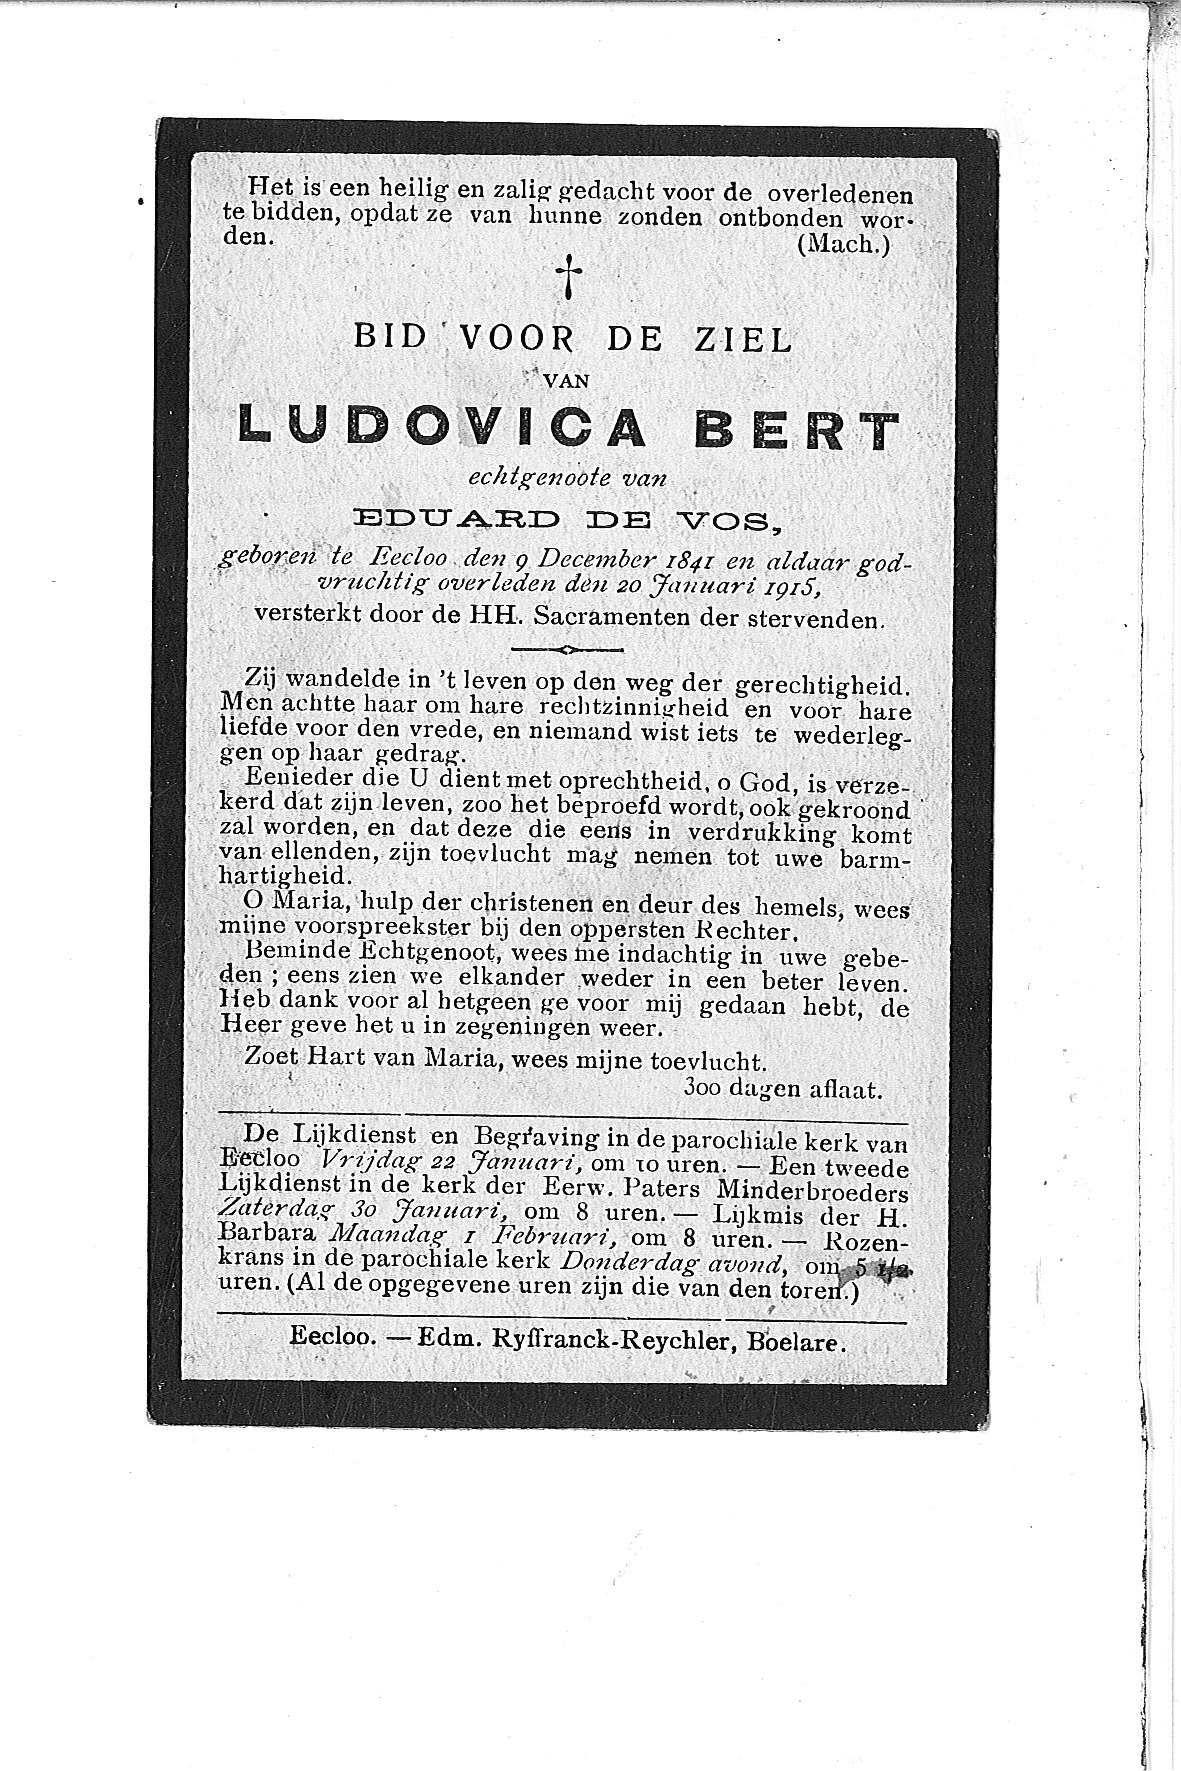 Ludovica(1915)20110131111640_00007.jpg